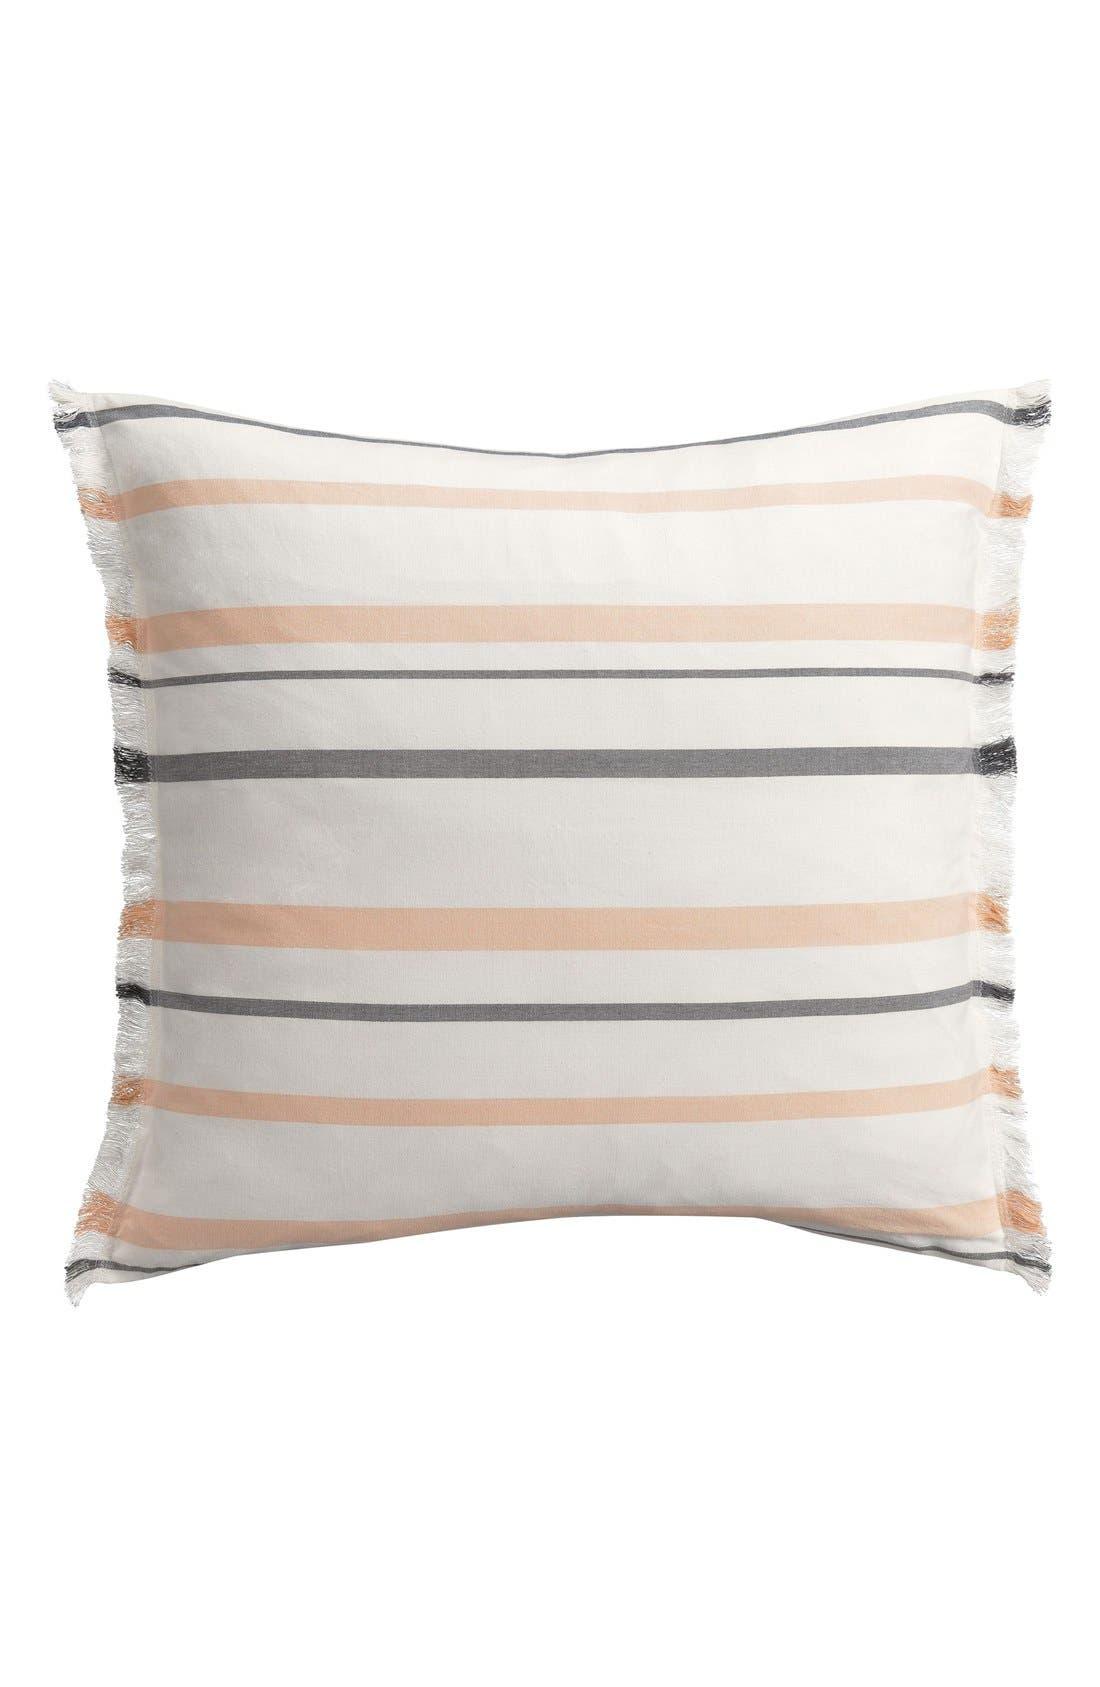 Stripe Euro Sham,                         Main,                         color, Peach/ Multi